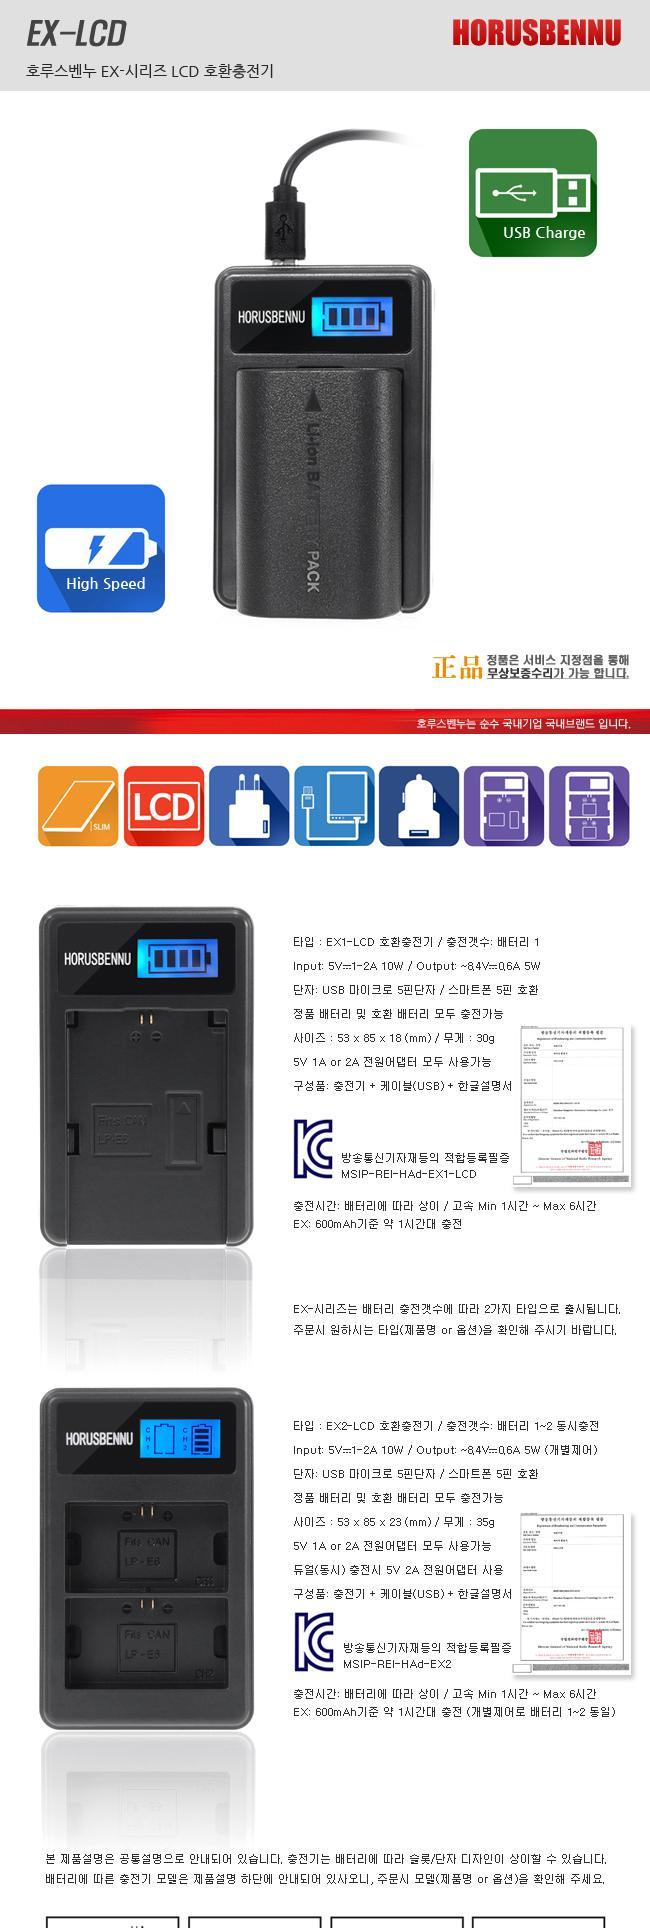 호루스벤누 EX2-LCD 호환충전기 캐논 BP-511A BP-511  카메라호환충전기 다용도충전기 호환용충전기 멀티충전기 카메라충전기